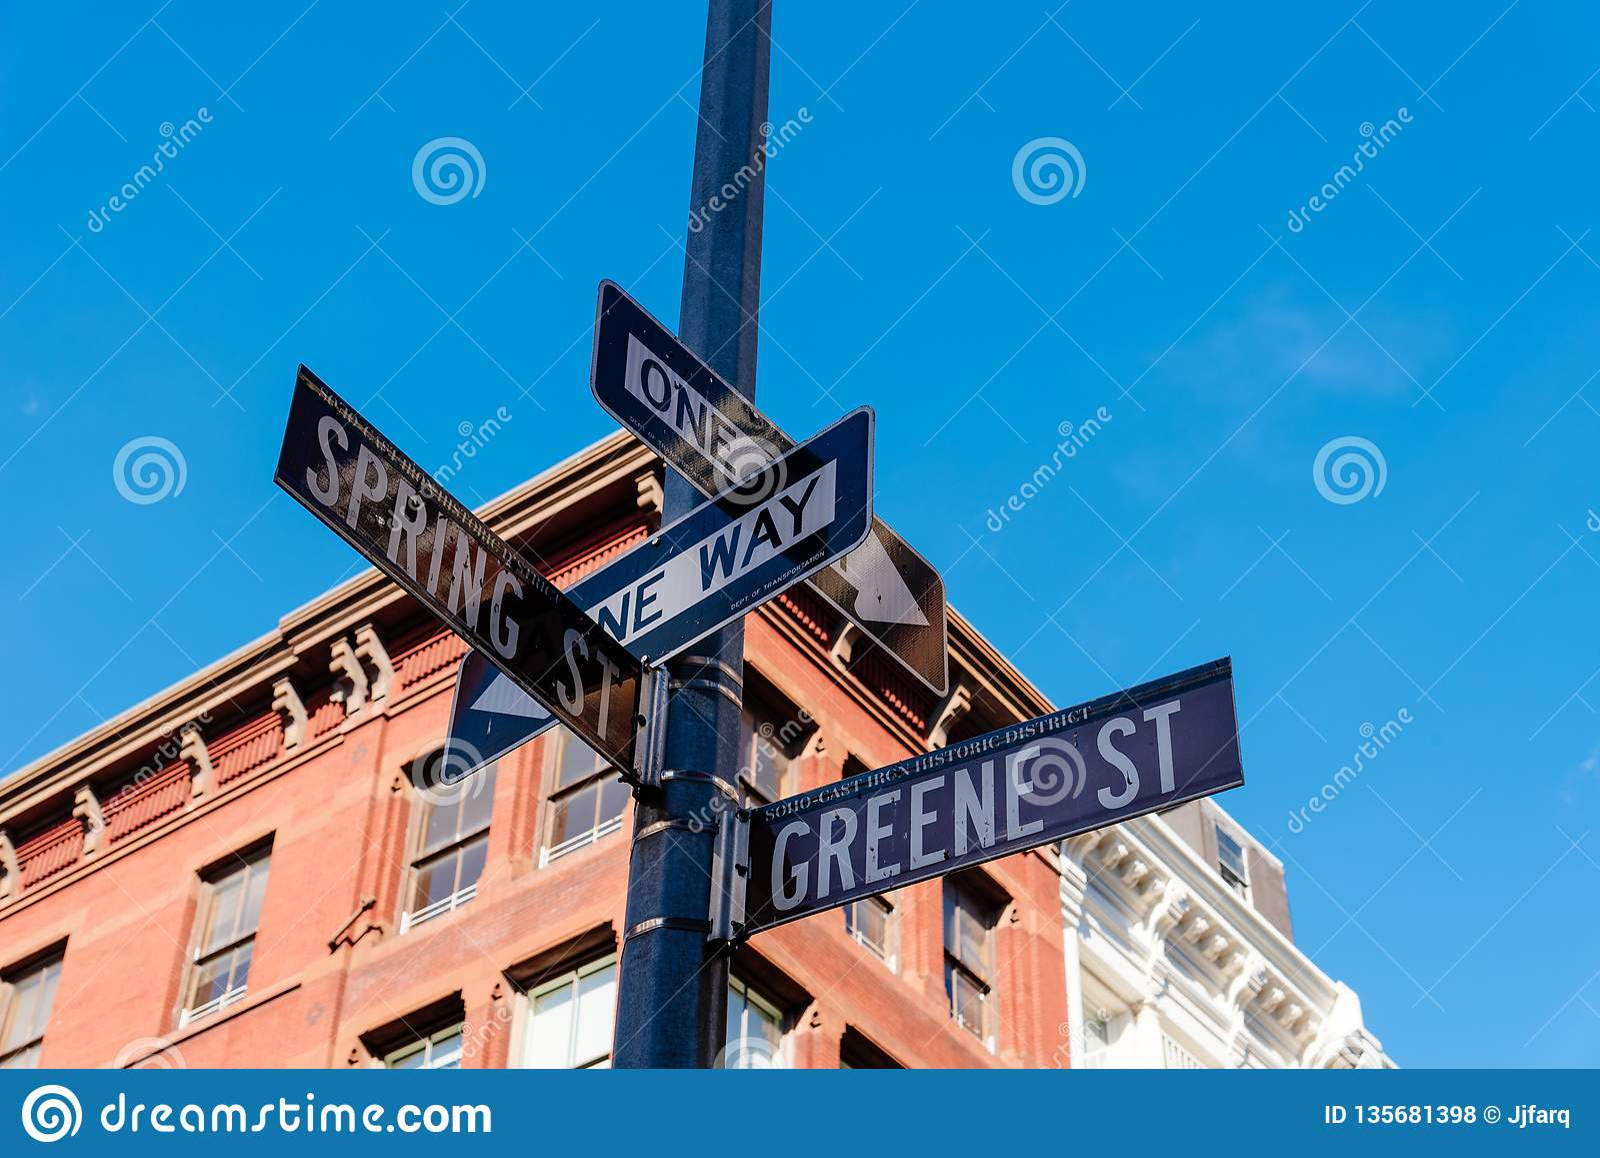 Το χαρακτηριστικό σήμα κτηρίου και οδών στη Νέα Υόρκη